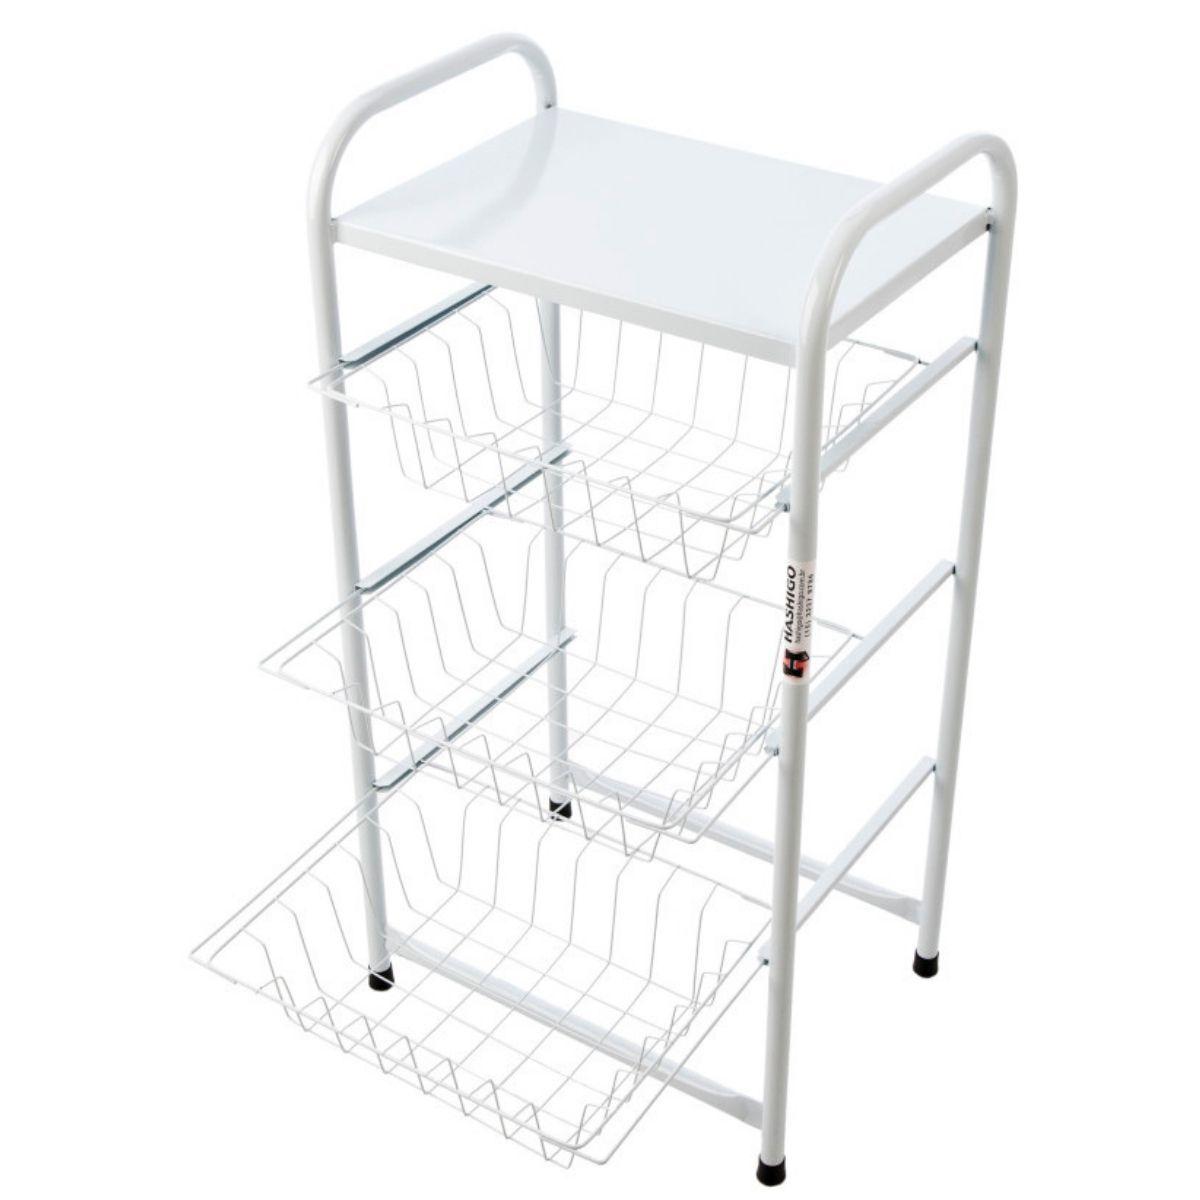 Fruteira 3 Cestos Para Cozinha De Metal Branca Resistente Hashigo Hashigo - H-031